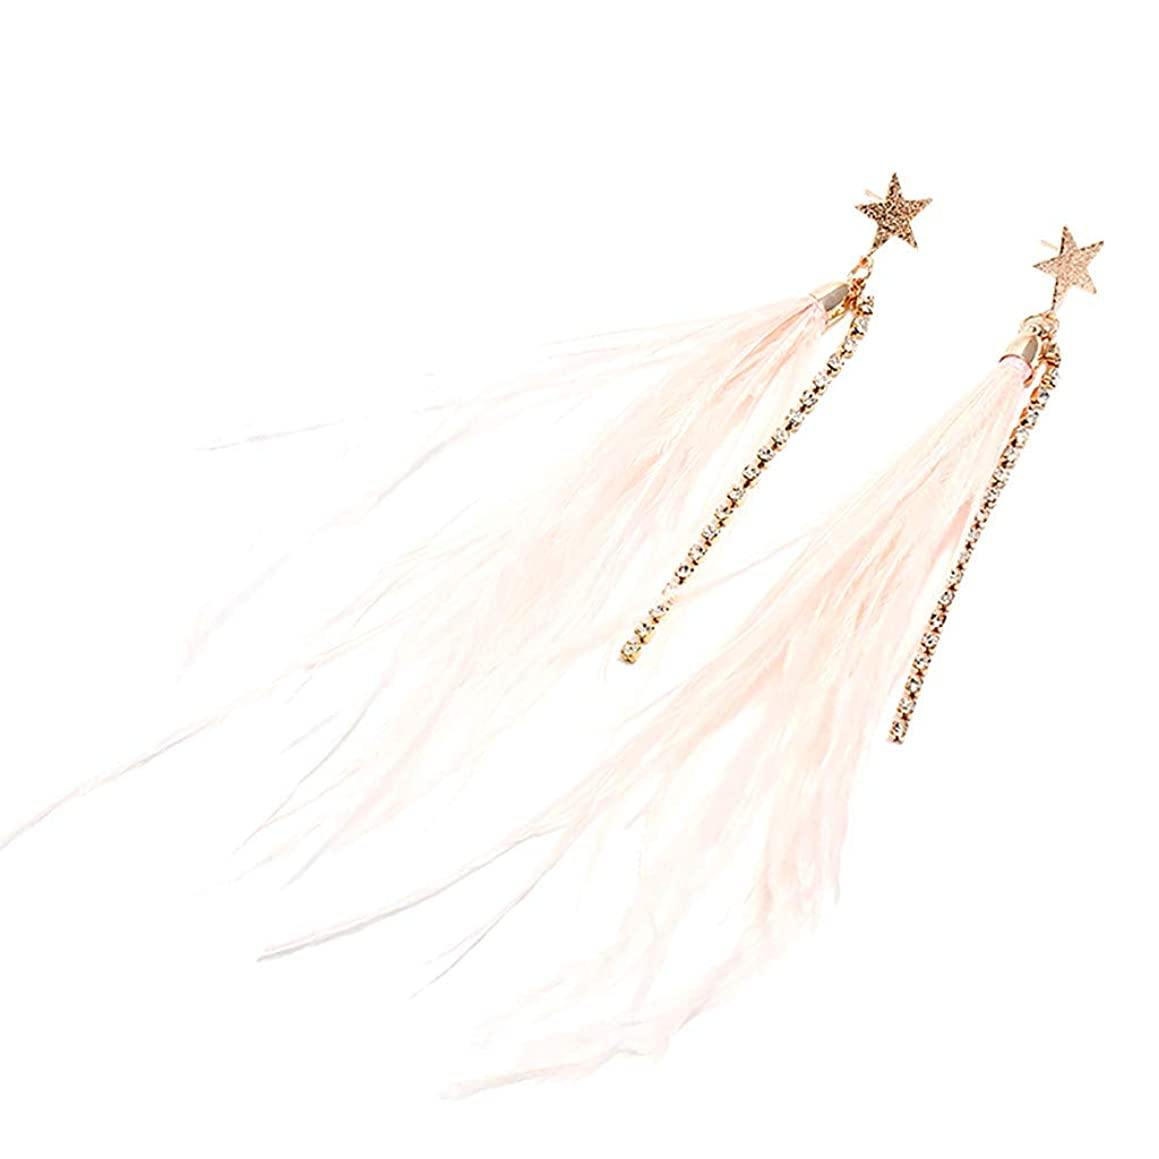 Peigen 2019 New Earrings Lady Jewelry,Feather Charm Simple Light Cute New Girl&Lady Dangle Earrings